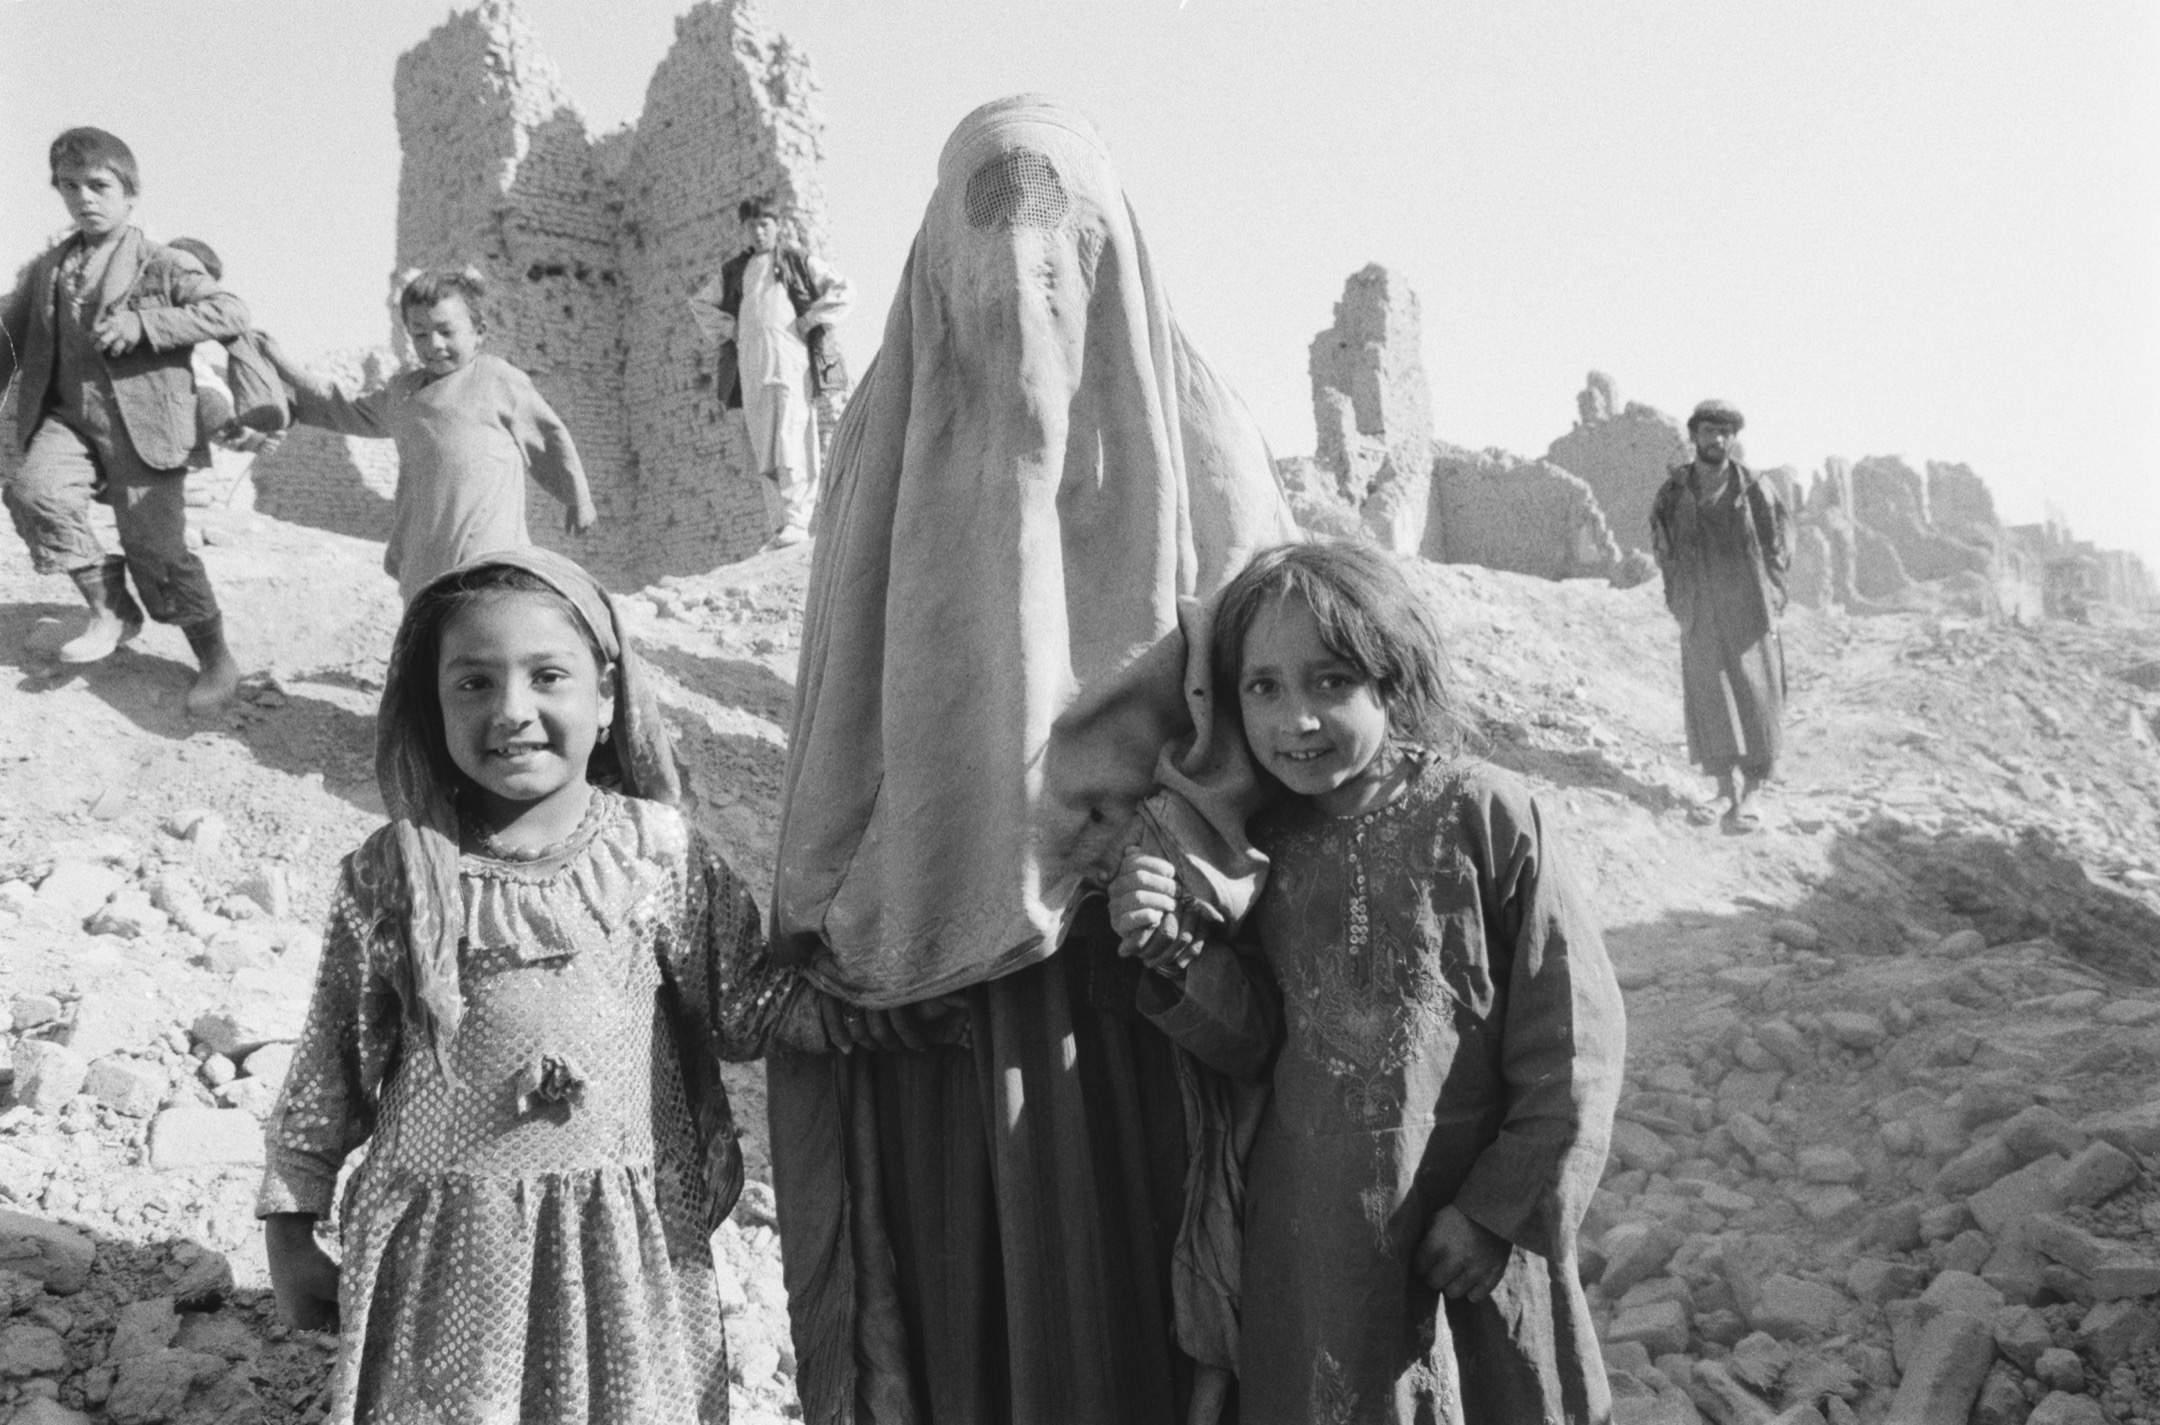 阿富汗,一名穿罩袍的女子牽著另外兩名女孩的手,在瓦礫中合照。 攝:David Turnley/Corbis/VCG via Getty Images